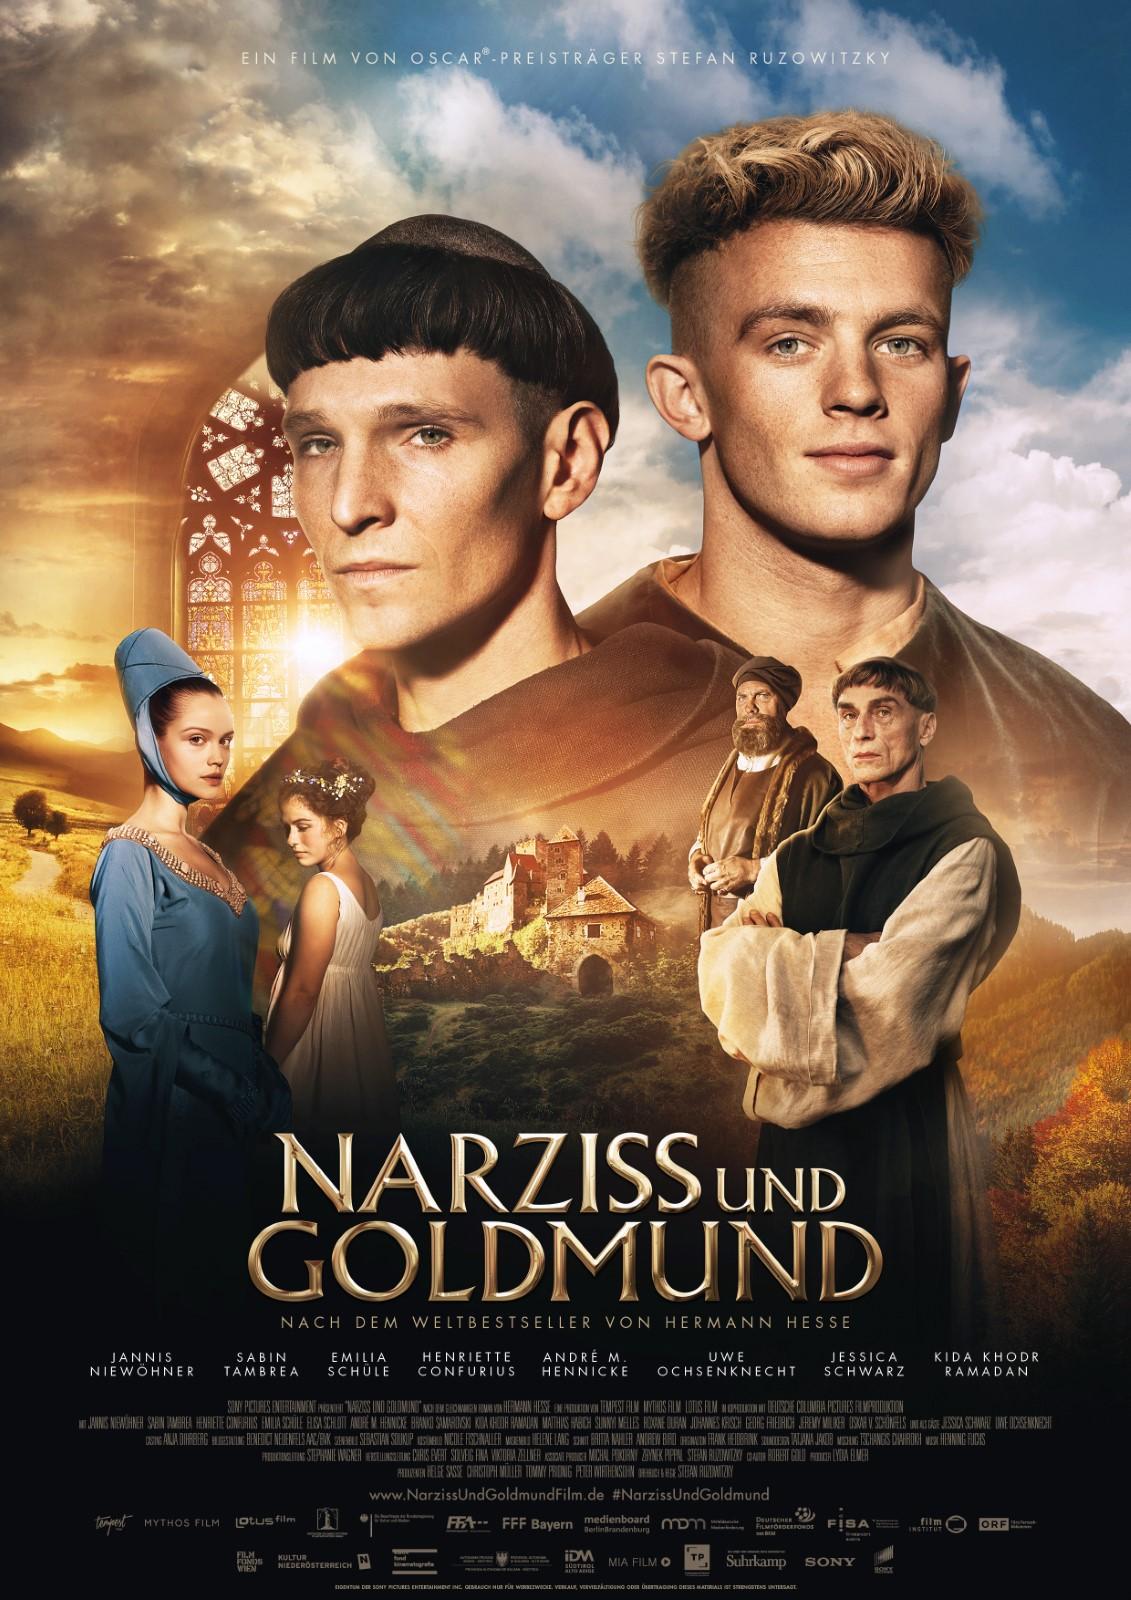 Filmplakat: Narziss und Goldmund (2020) - Plakat 2 von 5 ...